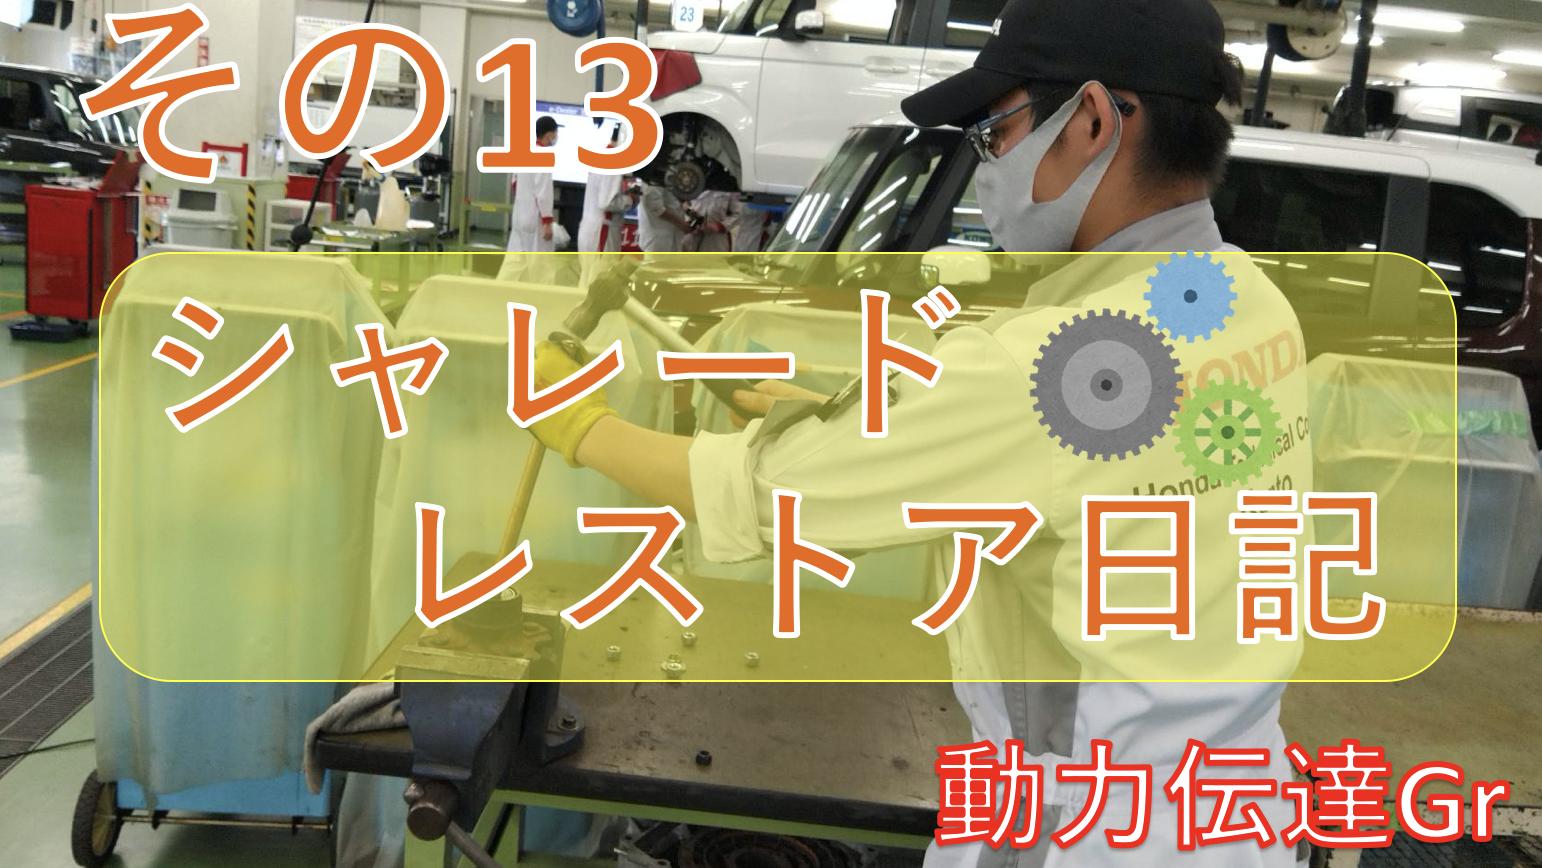 ・シャレード レストア日記 その13 — 動力伝達-vol.2